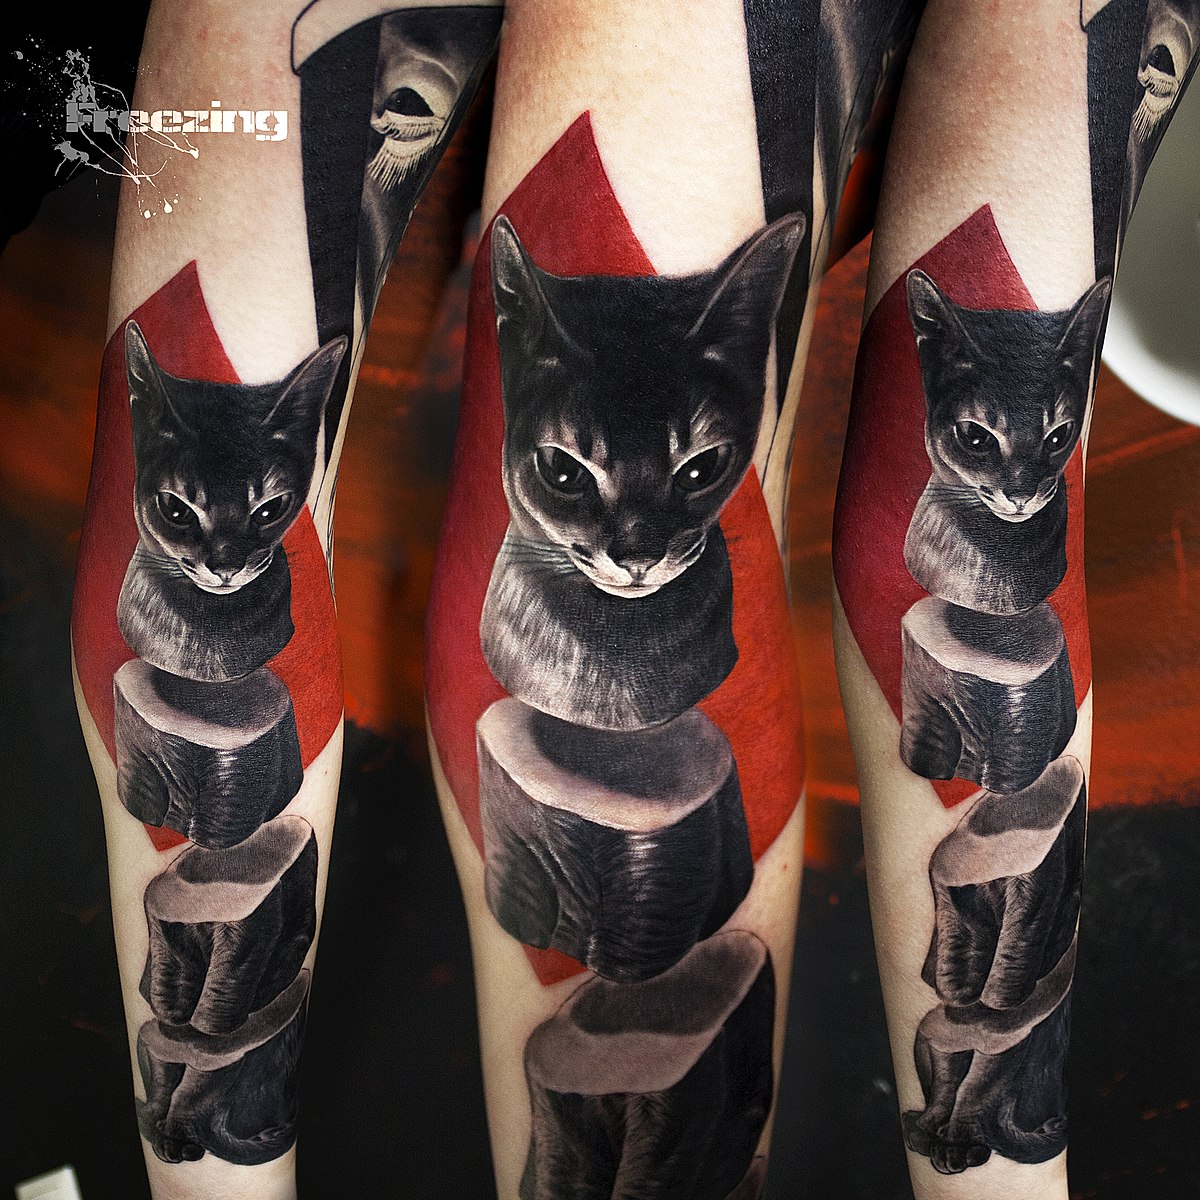 1200px Cat by freezingtattoo - Trash Polka Tattoo Artists Near Me